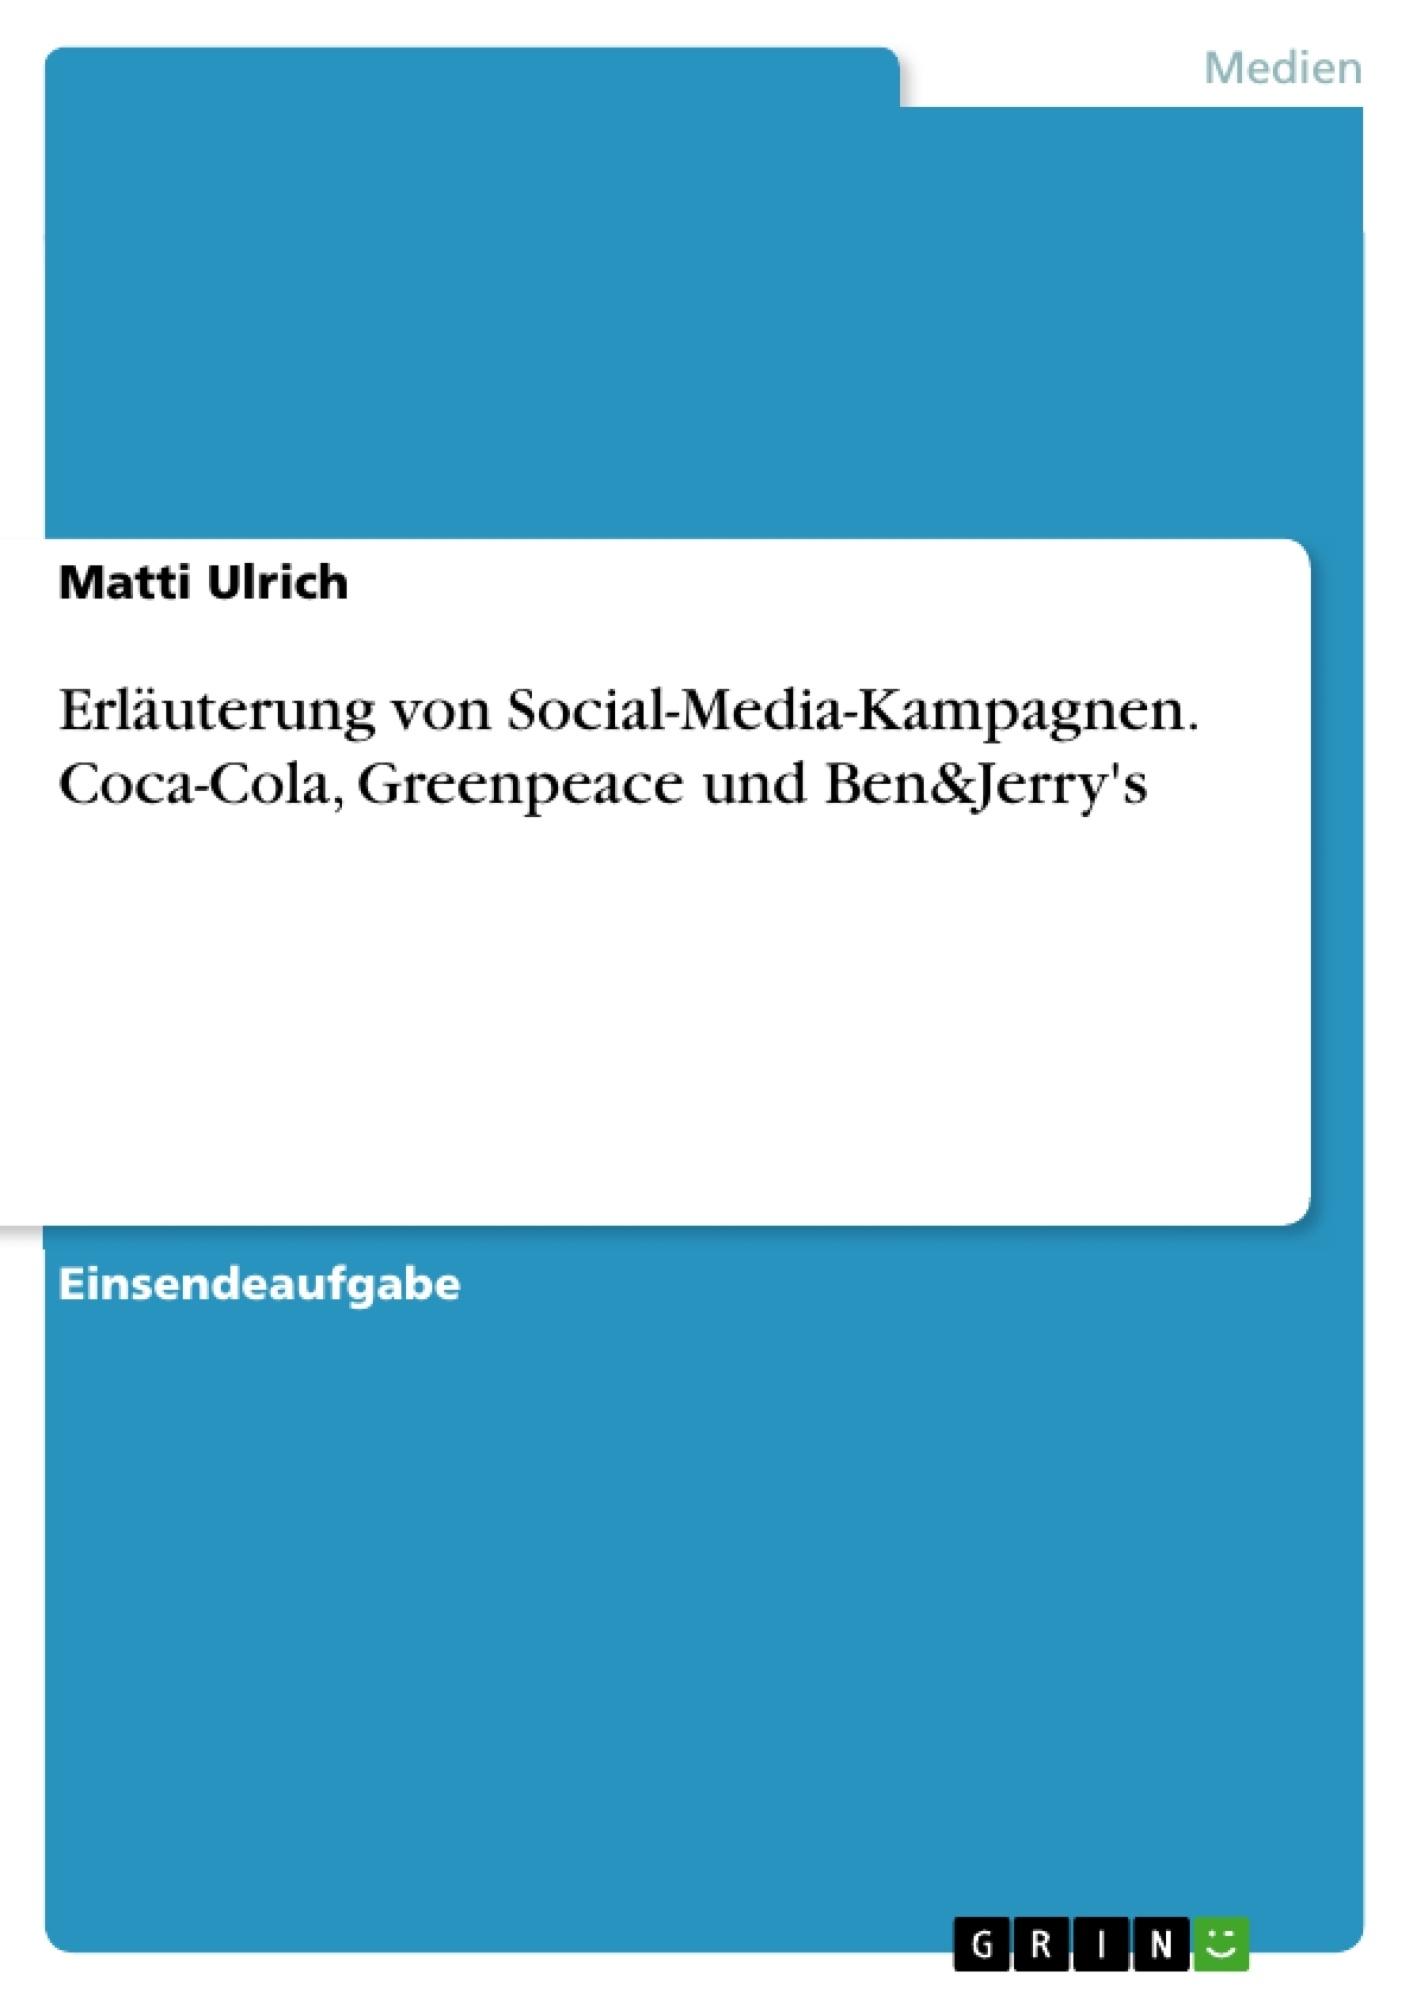 Titel: Erläuterung von Social-Media-Kampagnen. Coca-Cola, Greenpeace und Ben&Jerry's